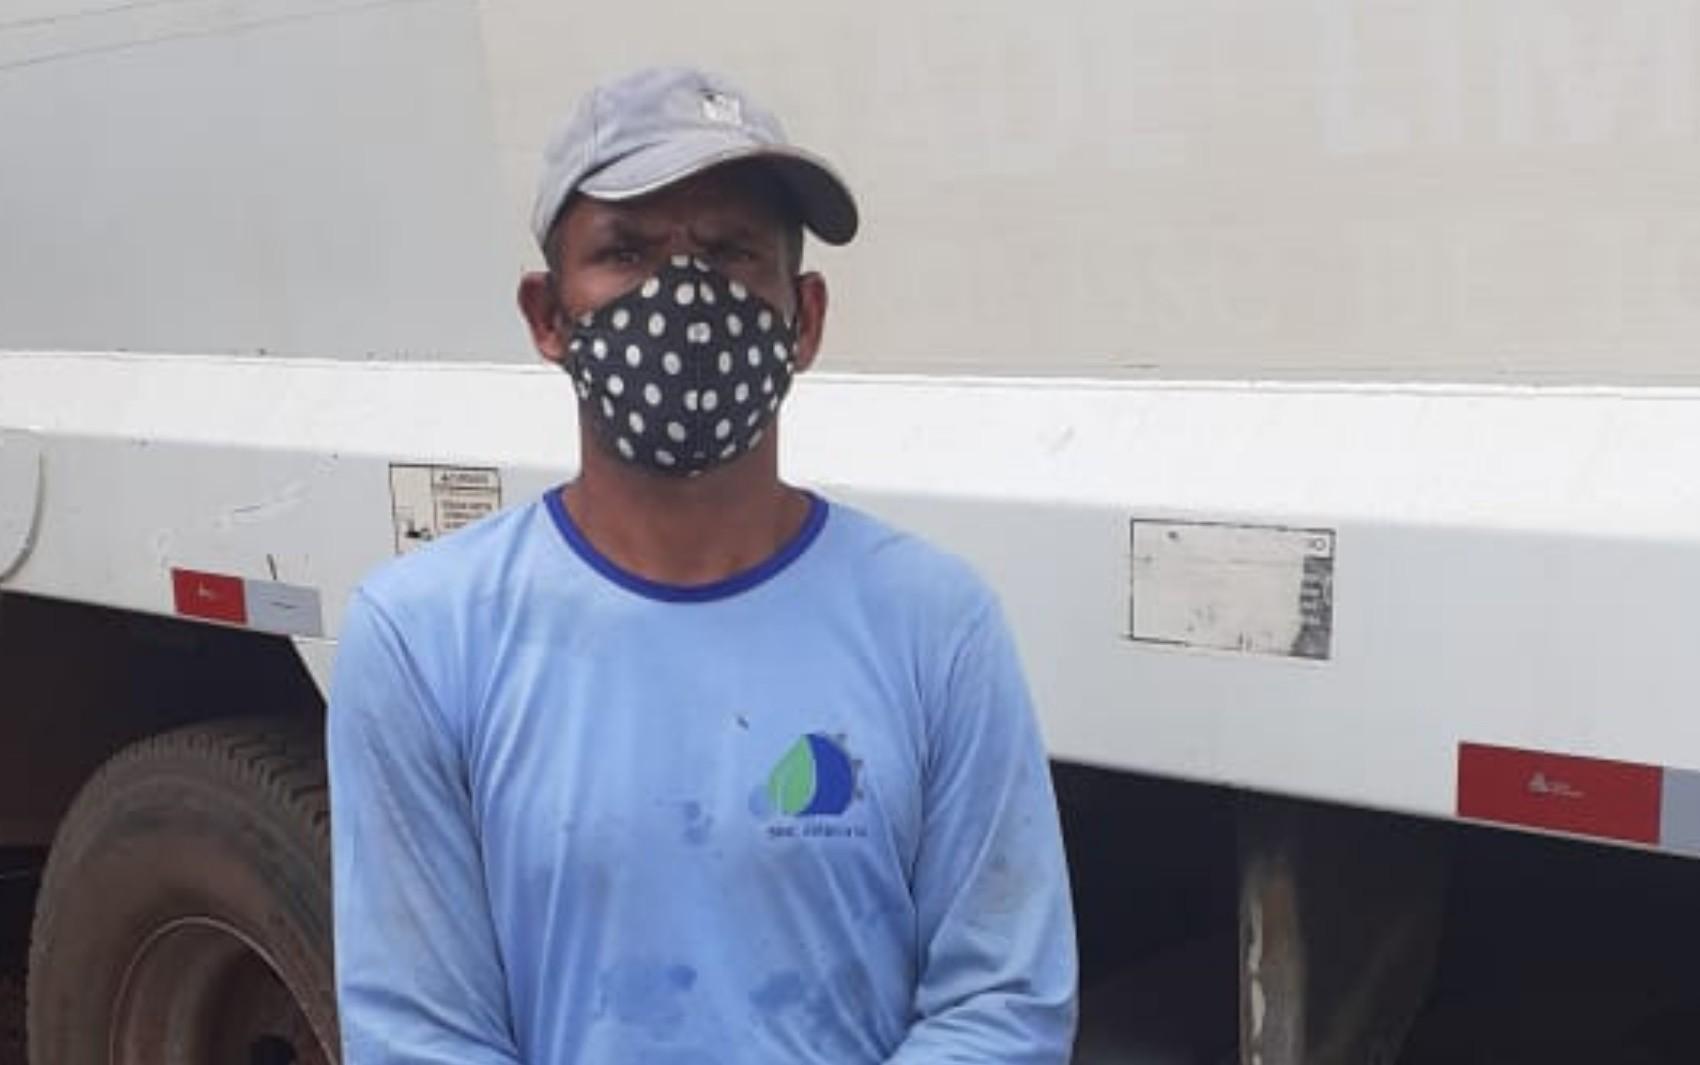 Coletor de lixo ofendido por moradora enquanto trabalhava desabafa: 'Me senti humilhado'